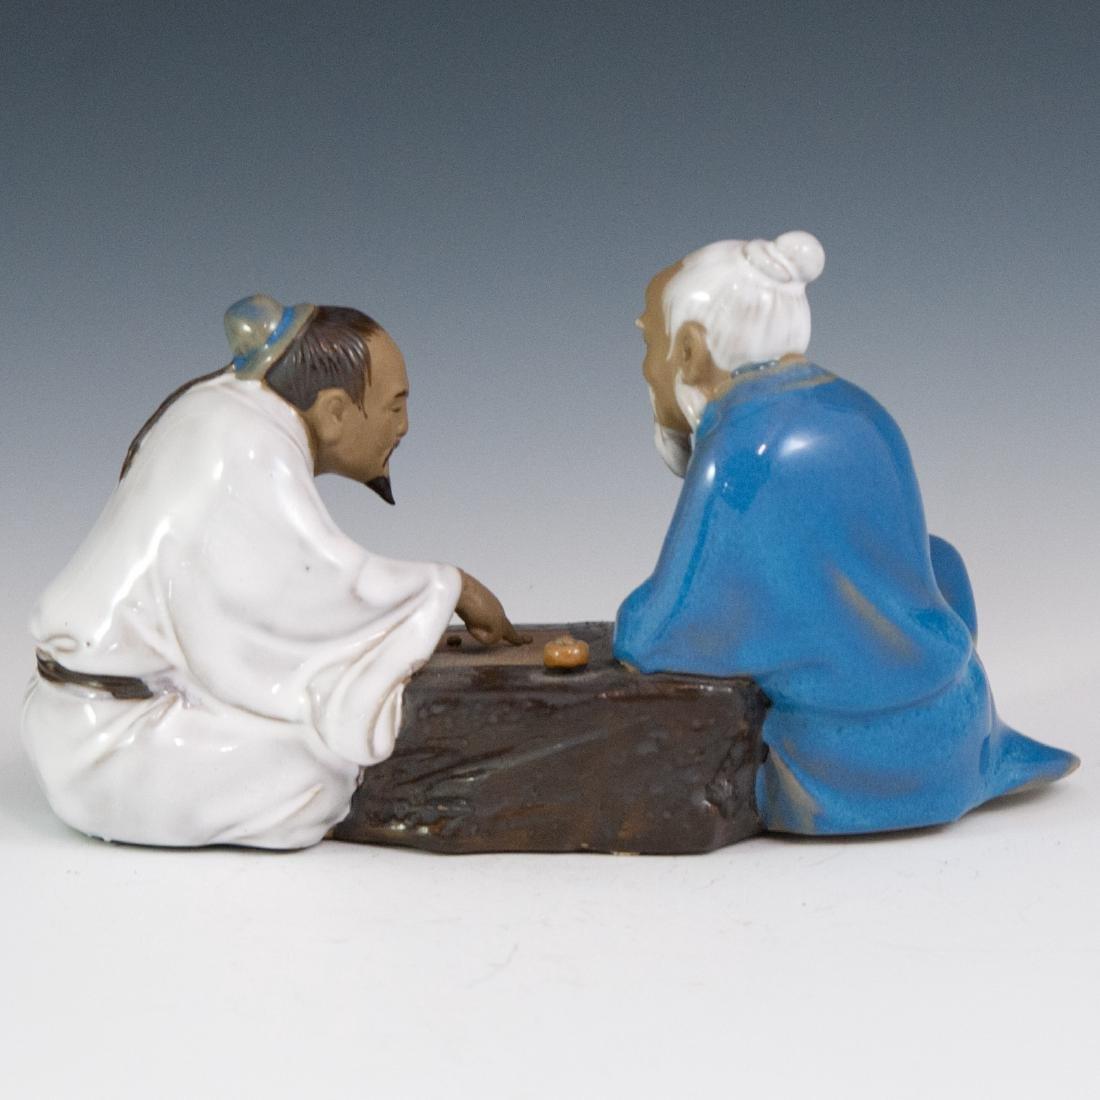 Chinese Mud Men Figurine - 2